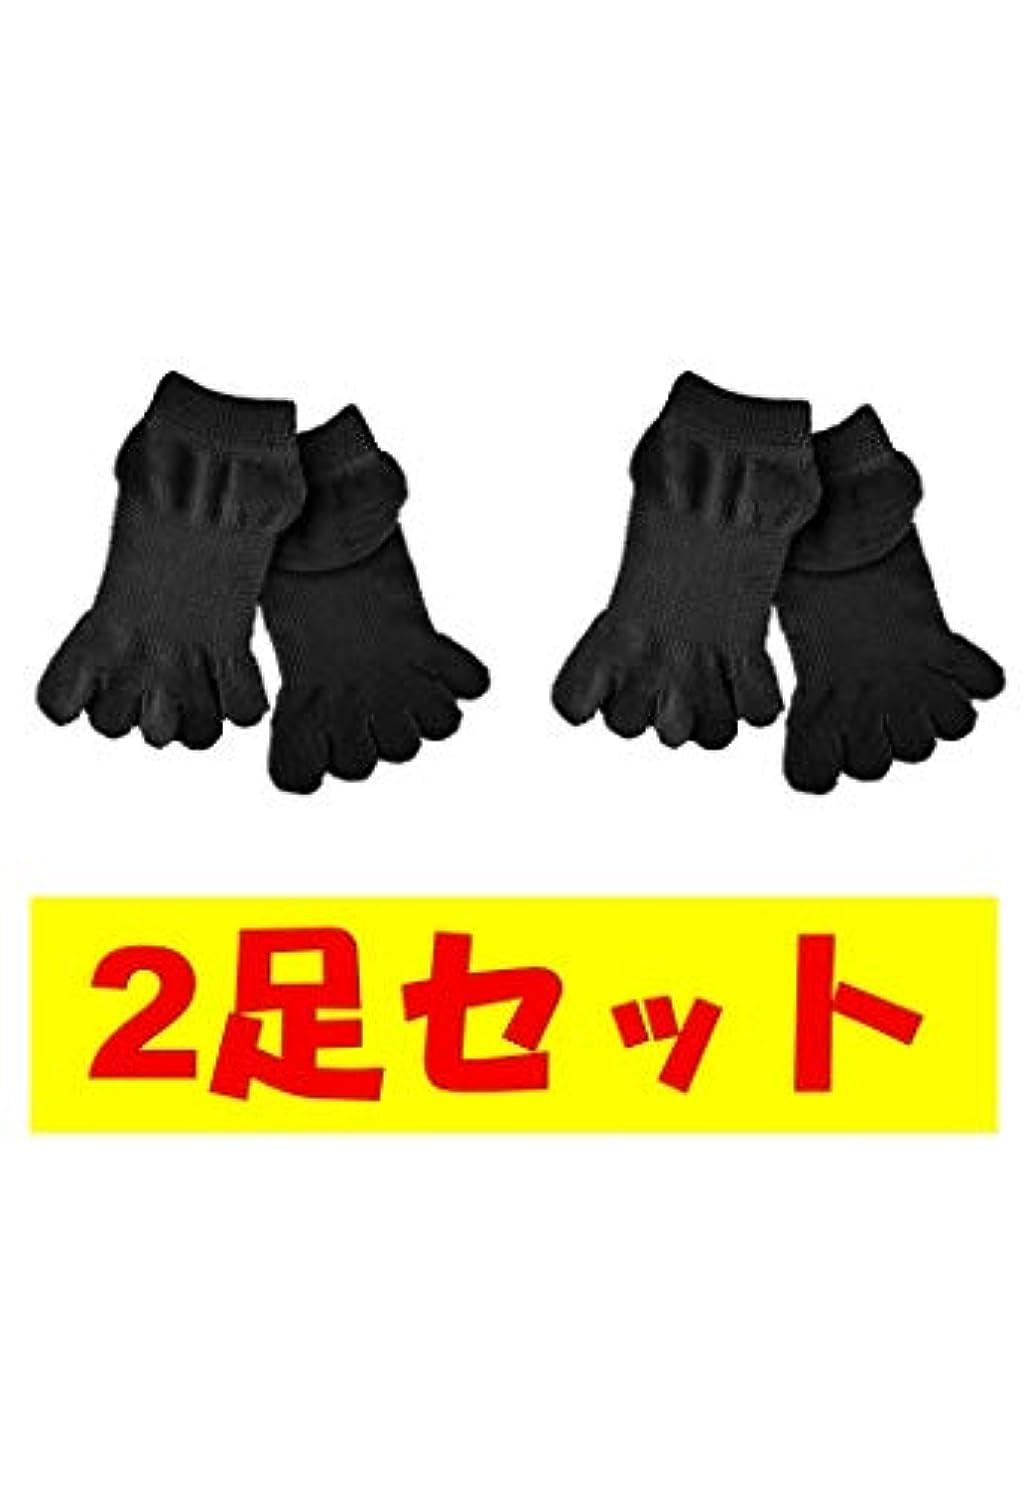 一目前方へチャーミングお買い得2足セット 5本指 ゆびのばソックス ゆびのば アンクル ブラック iサイズ 23.5cm-25.5cm YSANKL-BLK